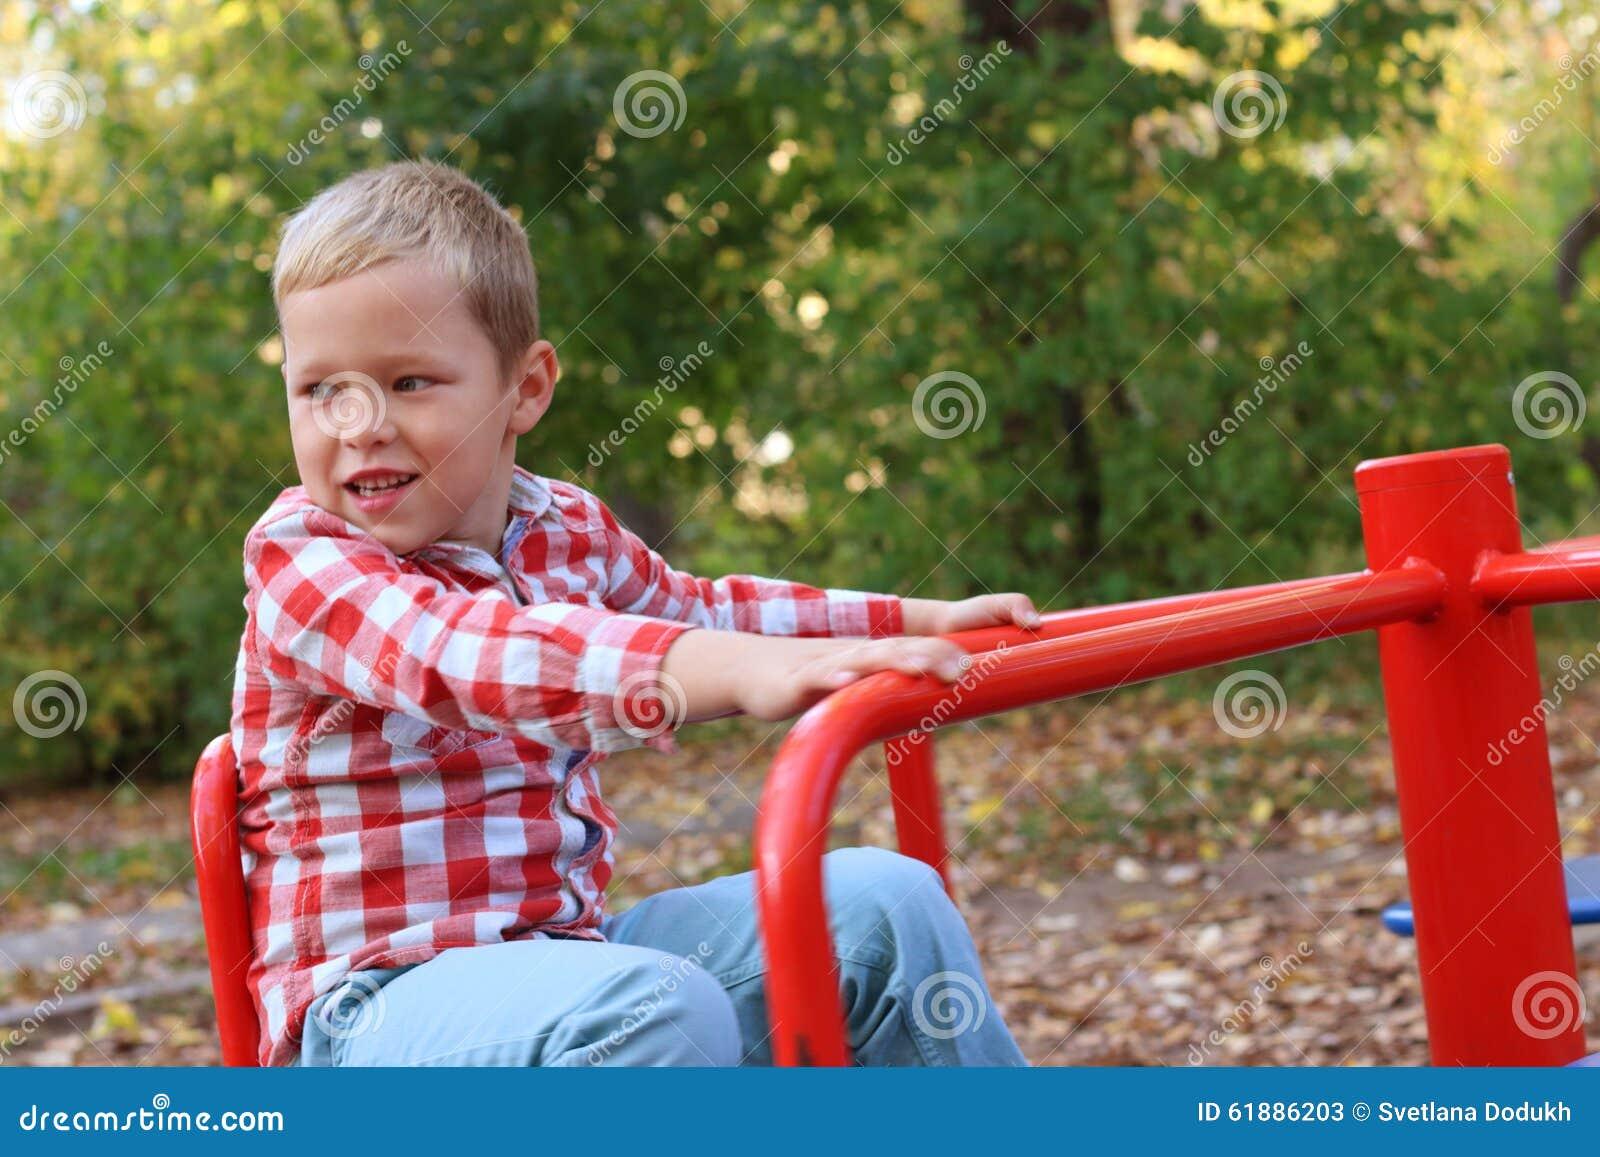 Hübscher kleiner Junge im Hemd spielt auf kleinem Karussell